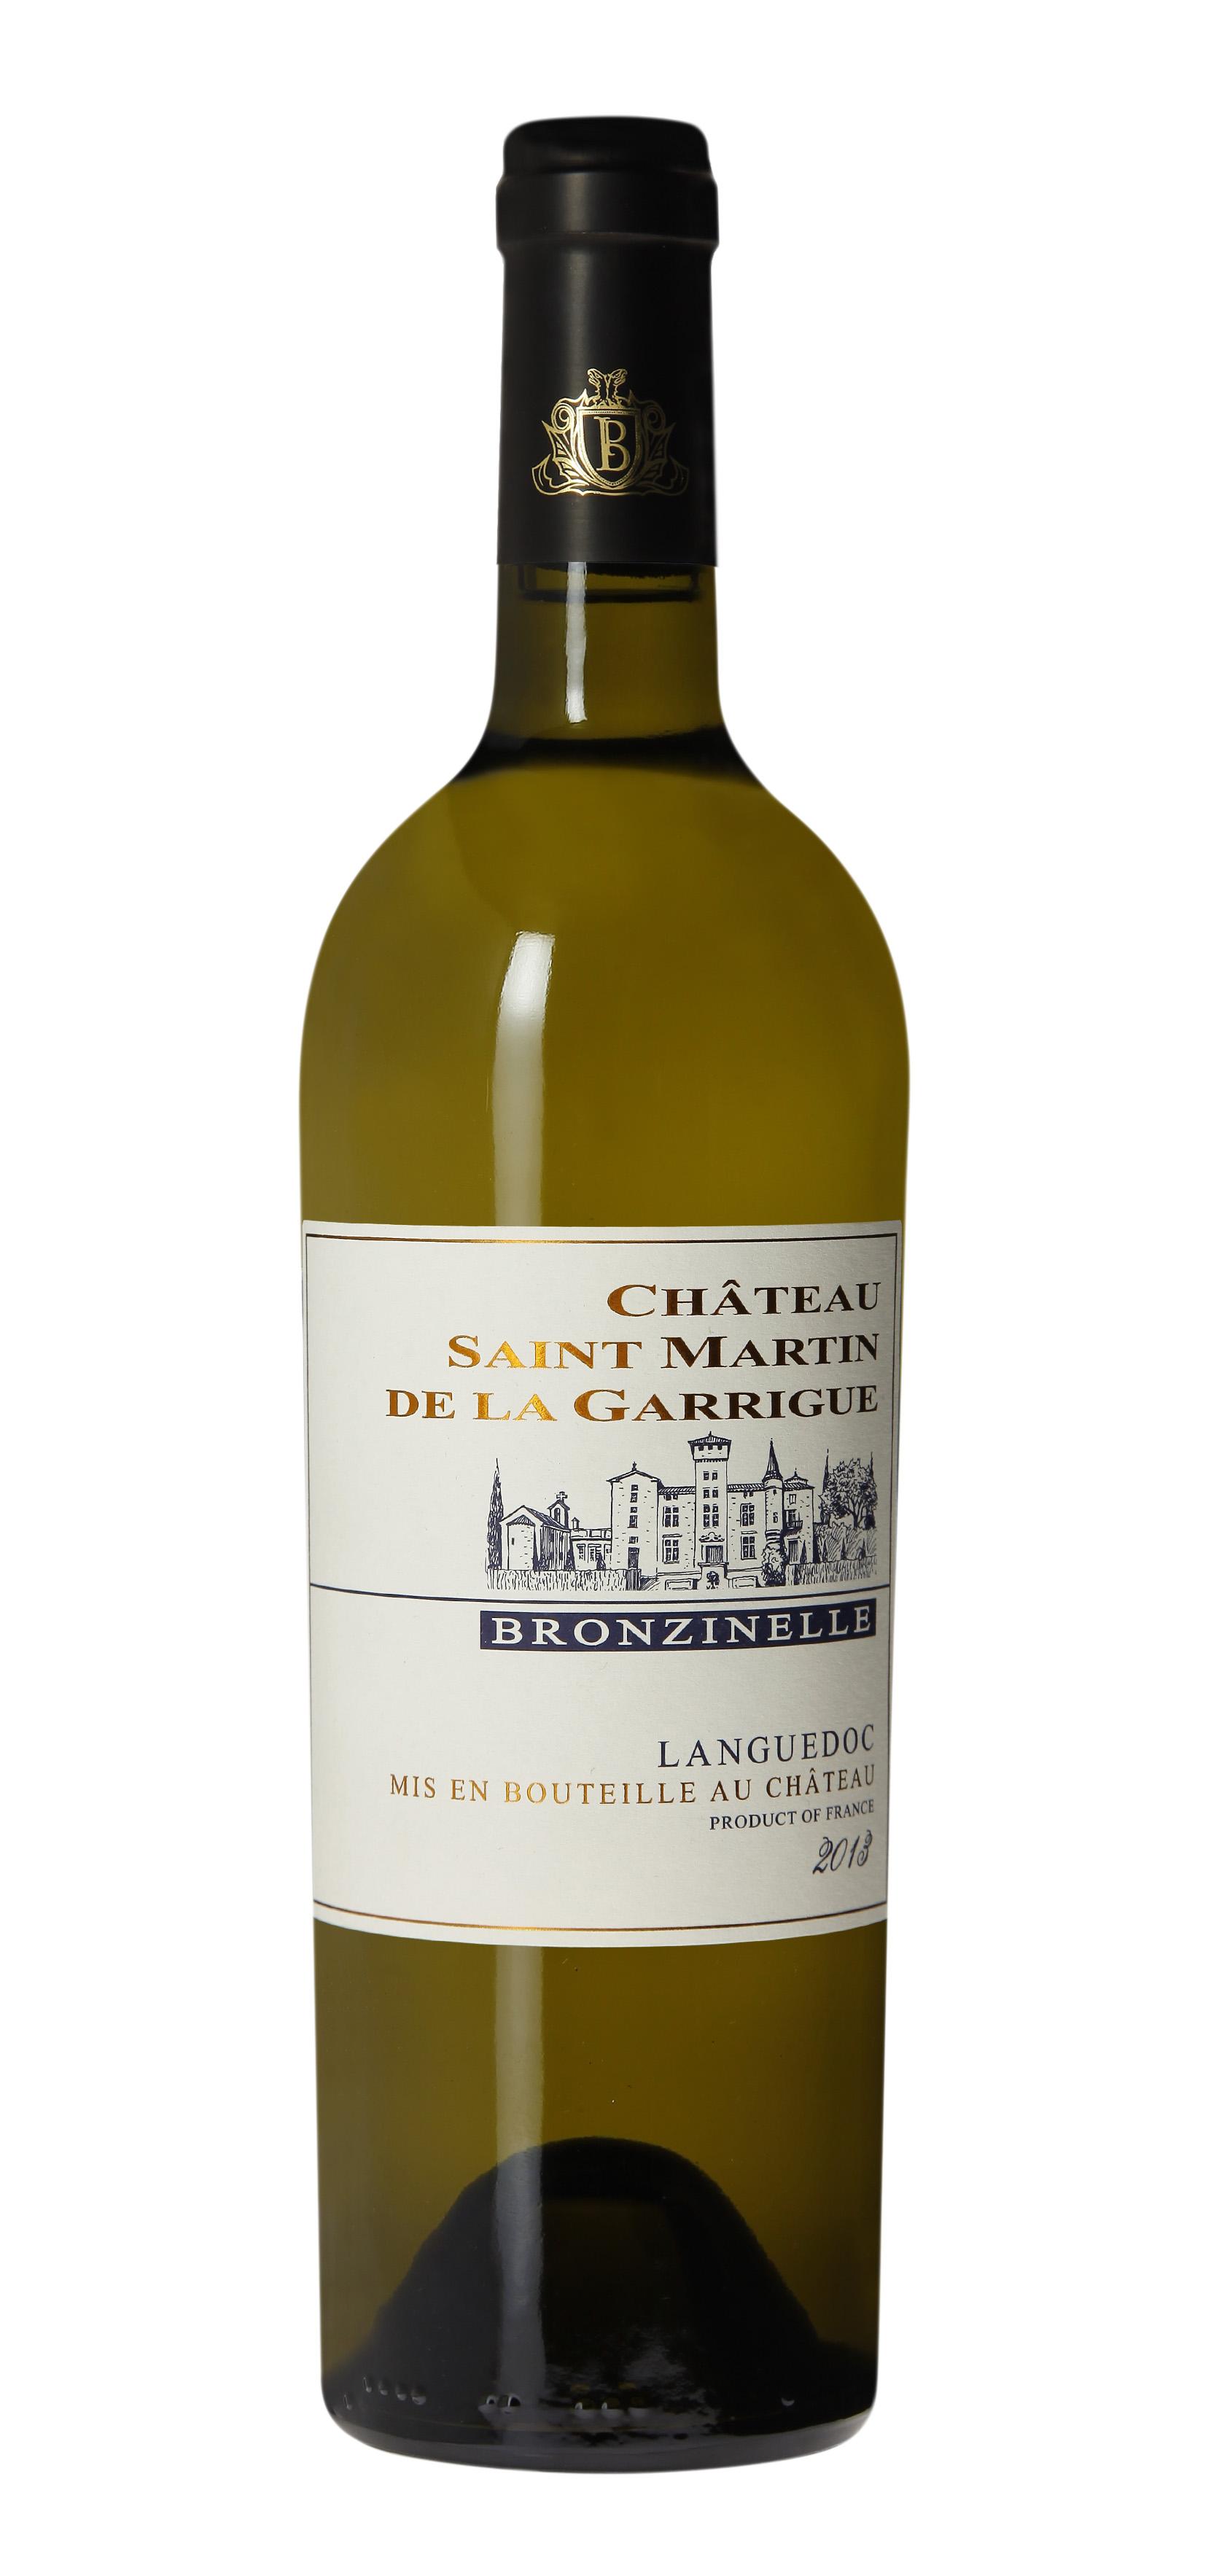 'Bronzinelle' Coteaux du Languedoc Blanc